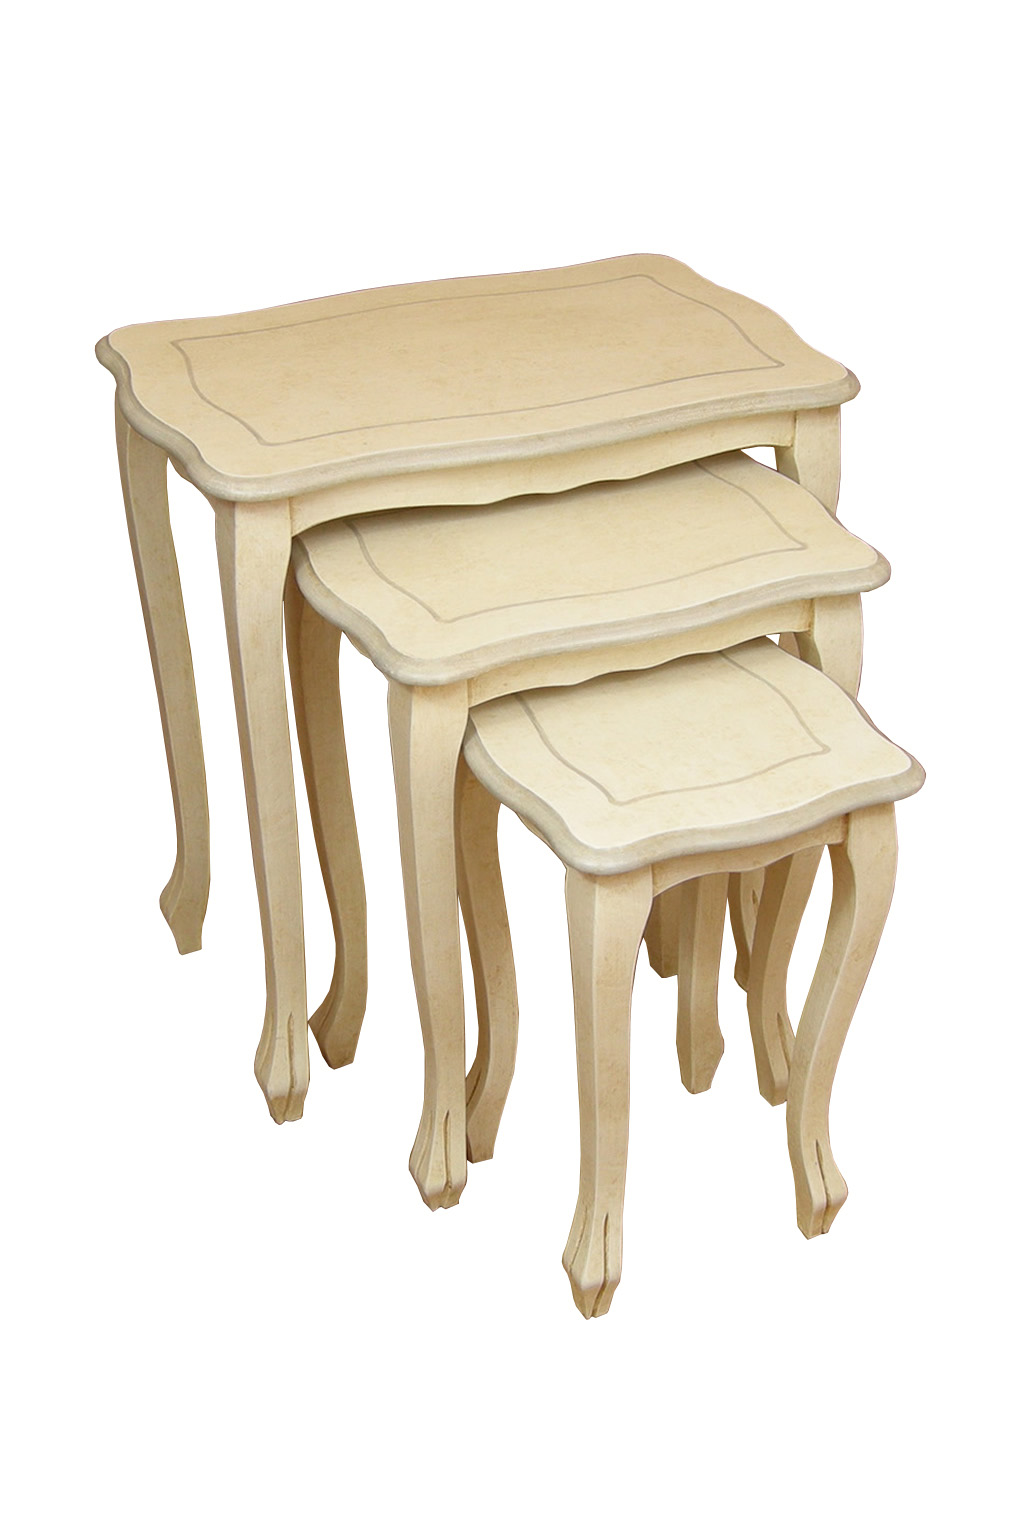 Tavolini tris in legno dipinto berl decorosa for Tavolini in legno